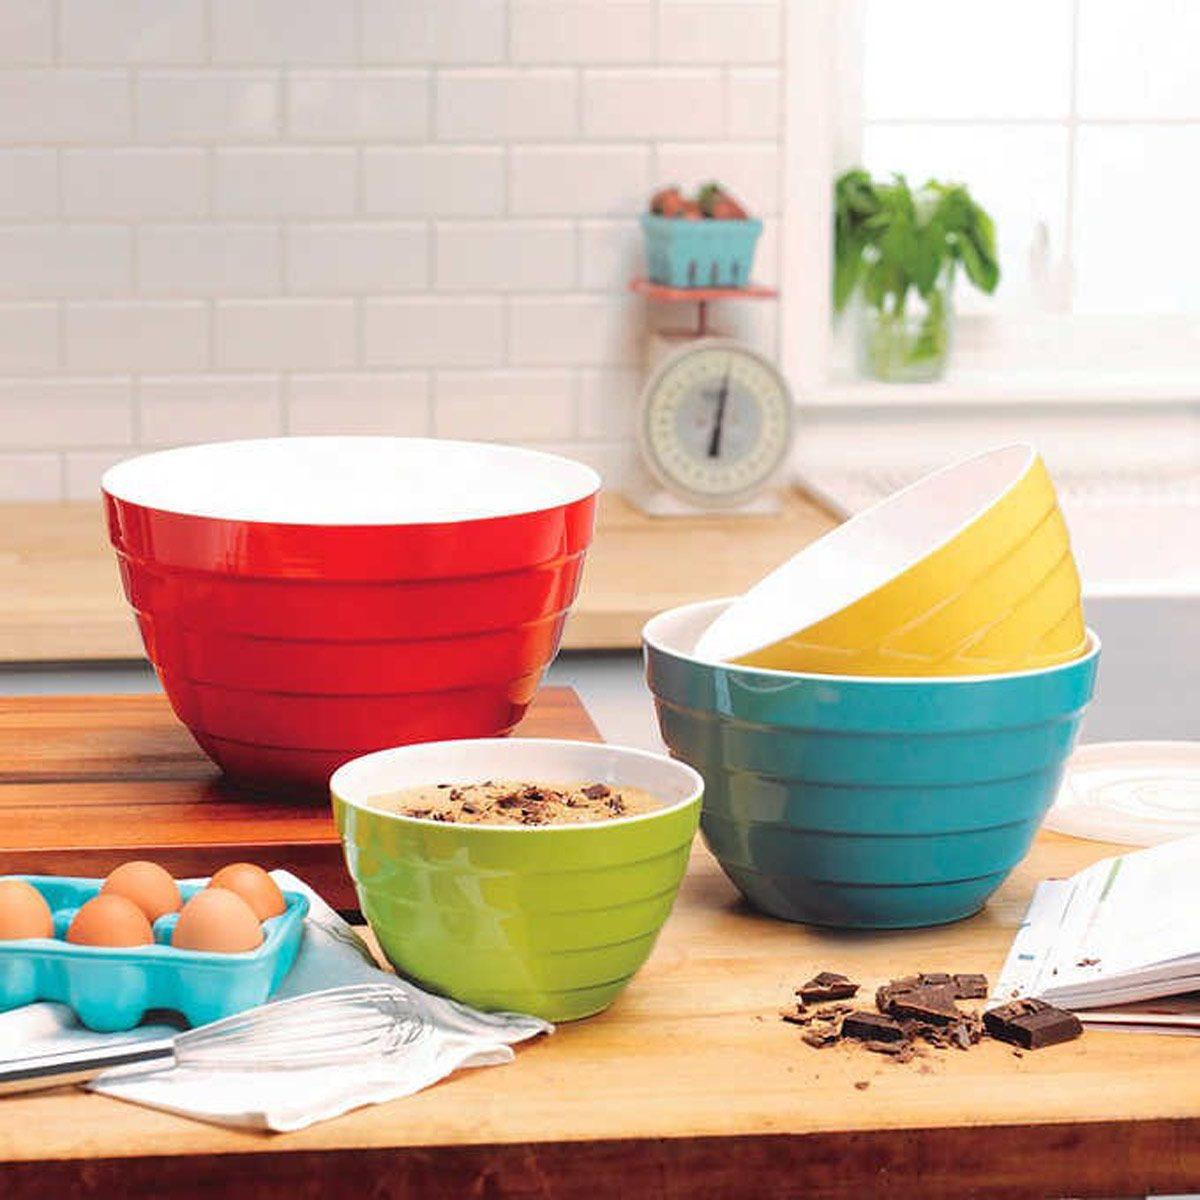 costco mixing bowls